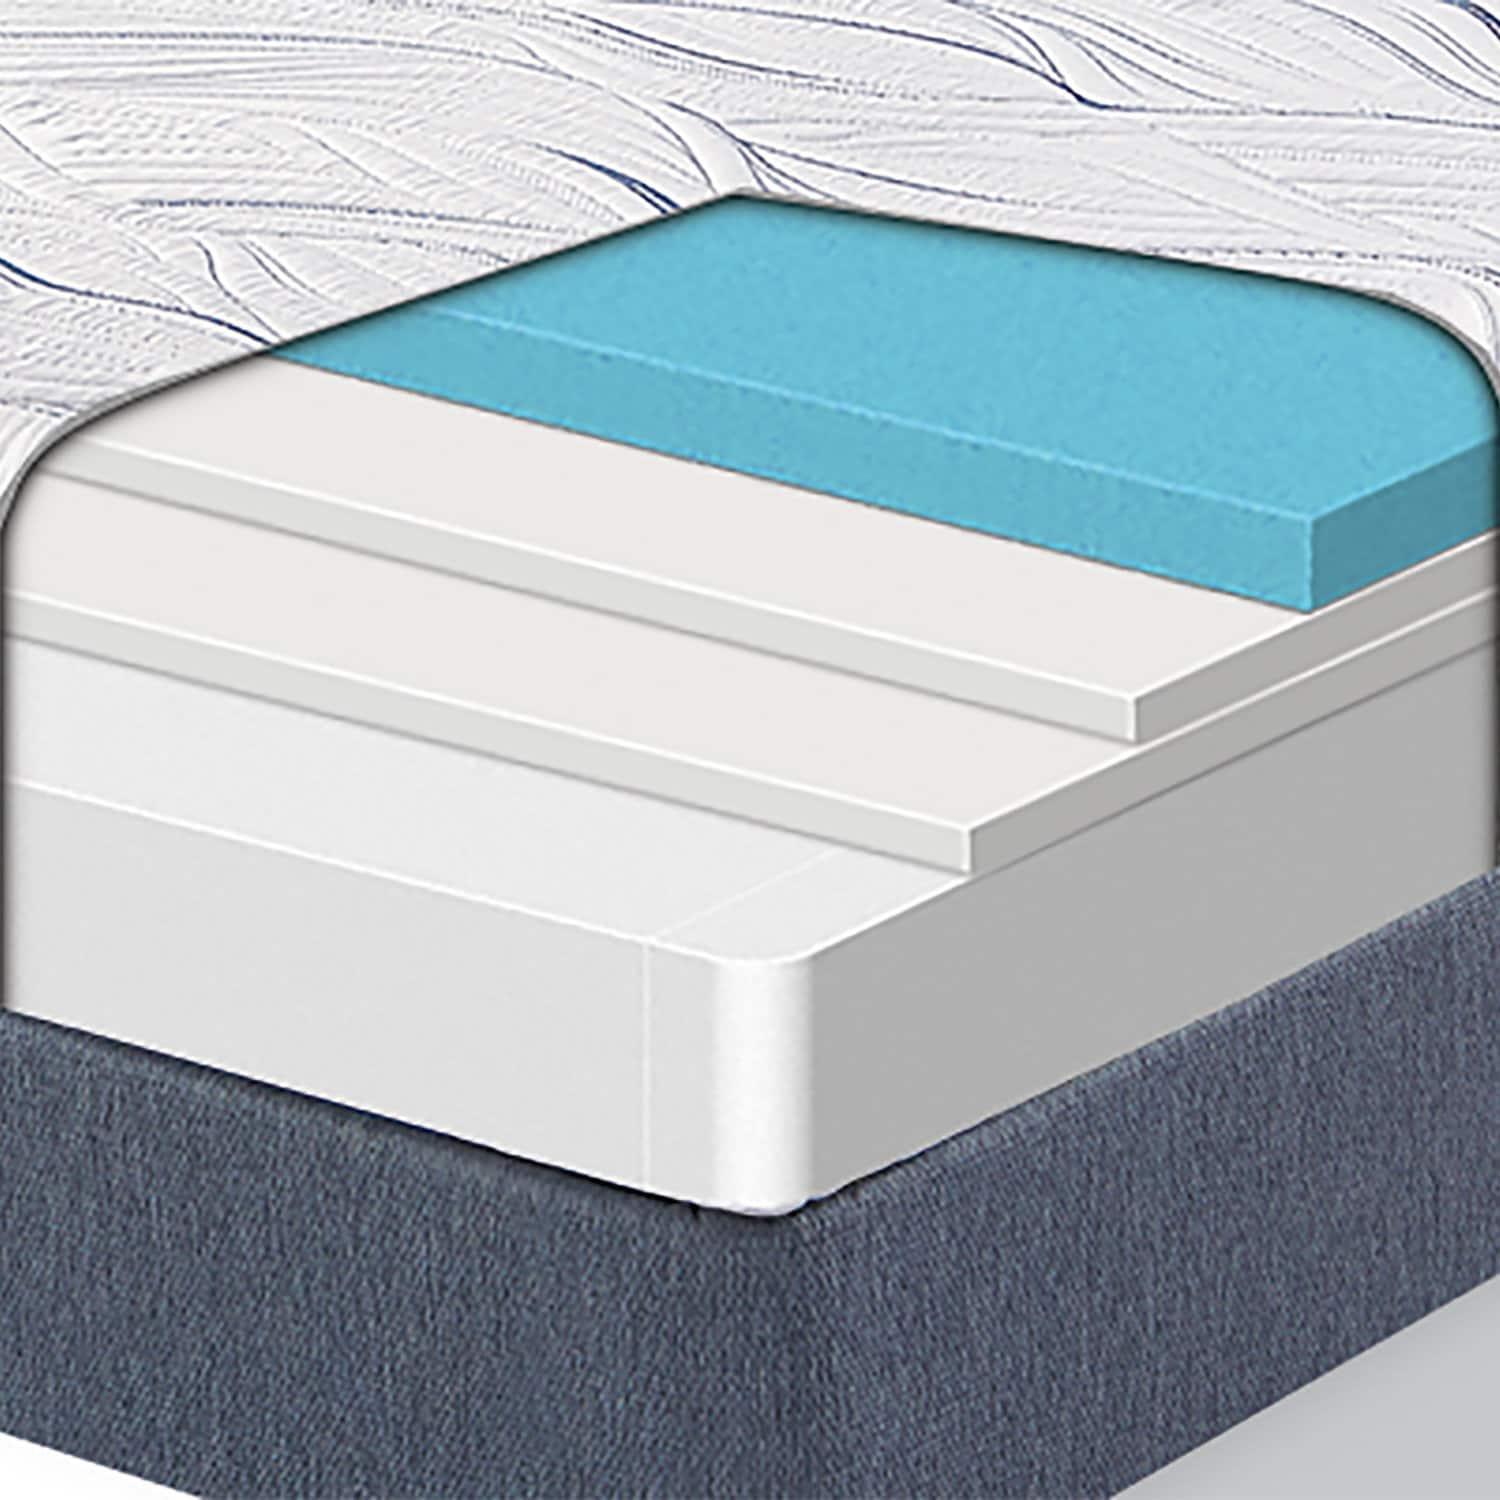 mattress top serta product home perfect hope sleeper super pillow spt kleinmon adj